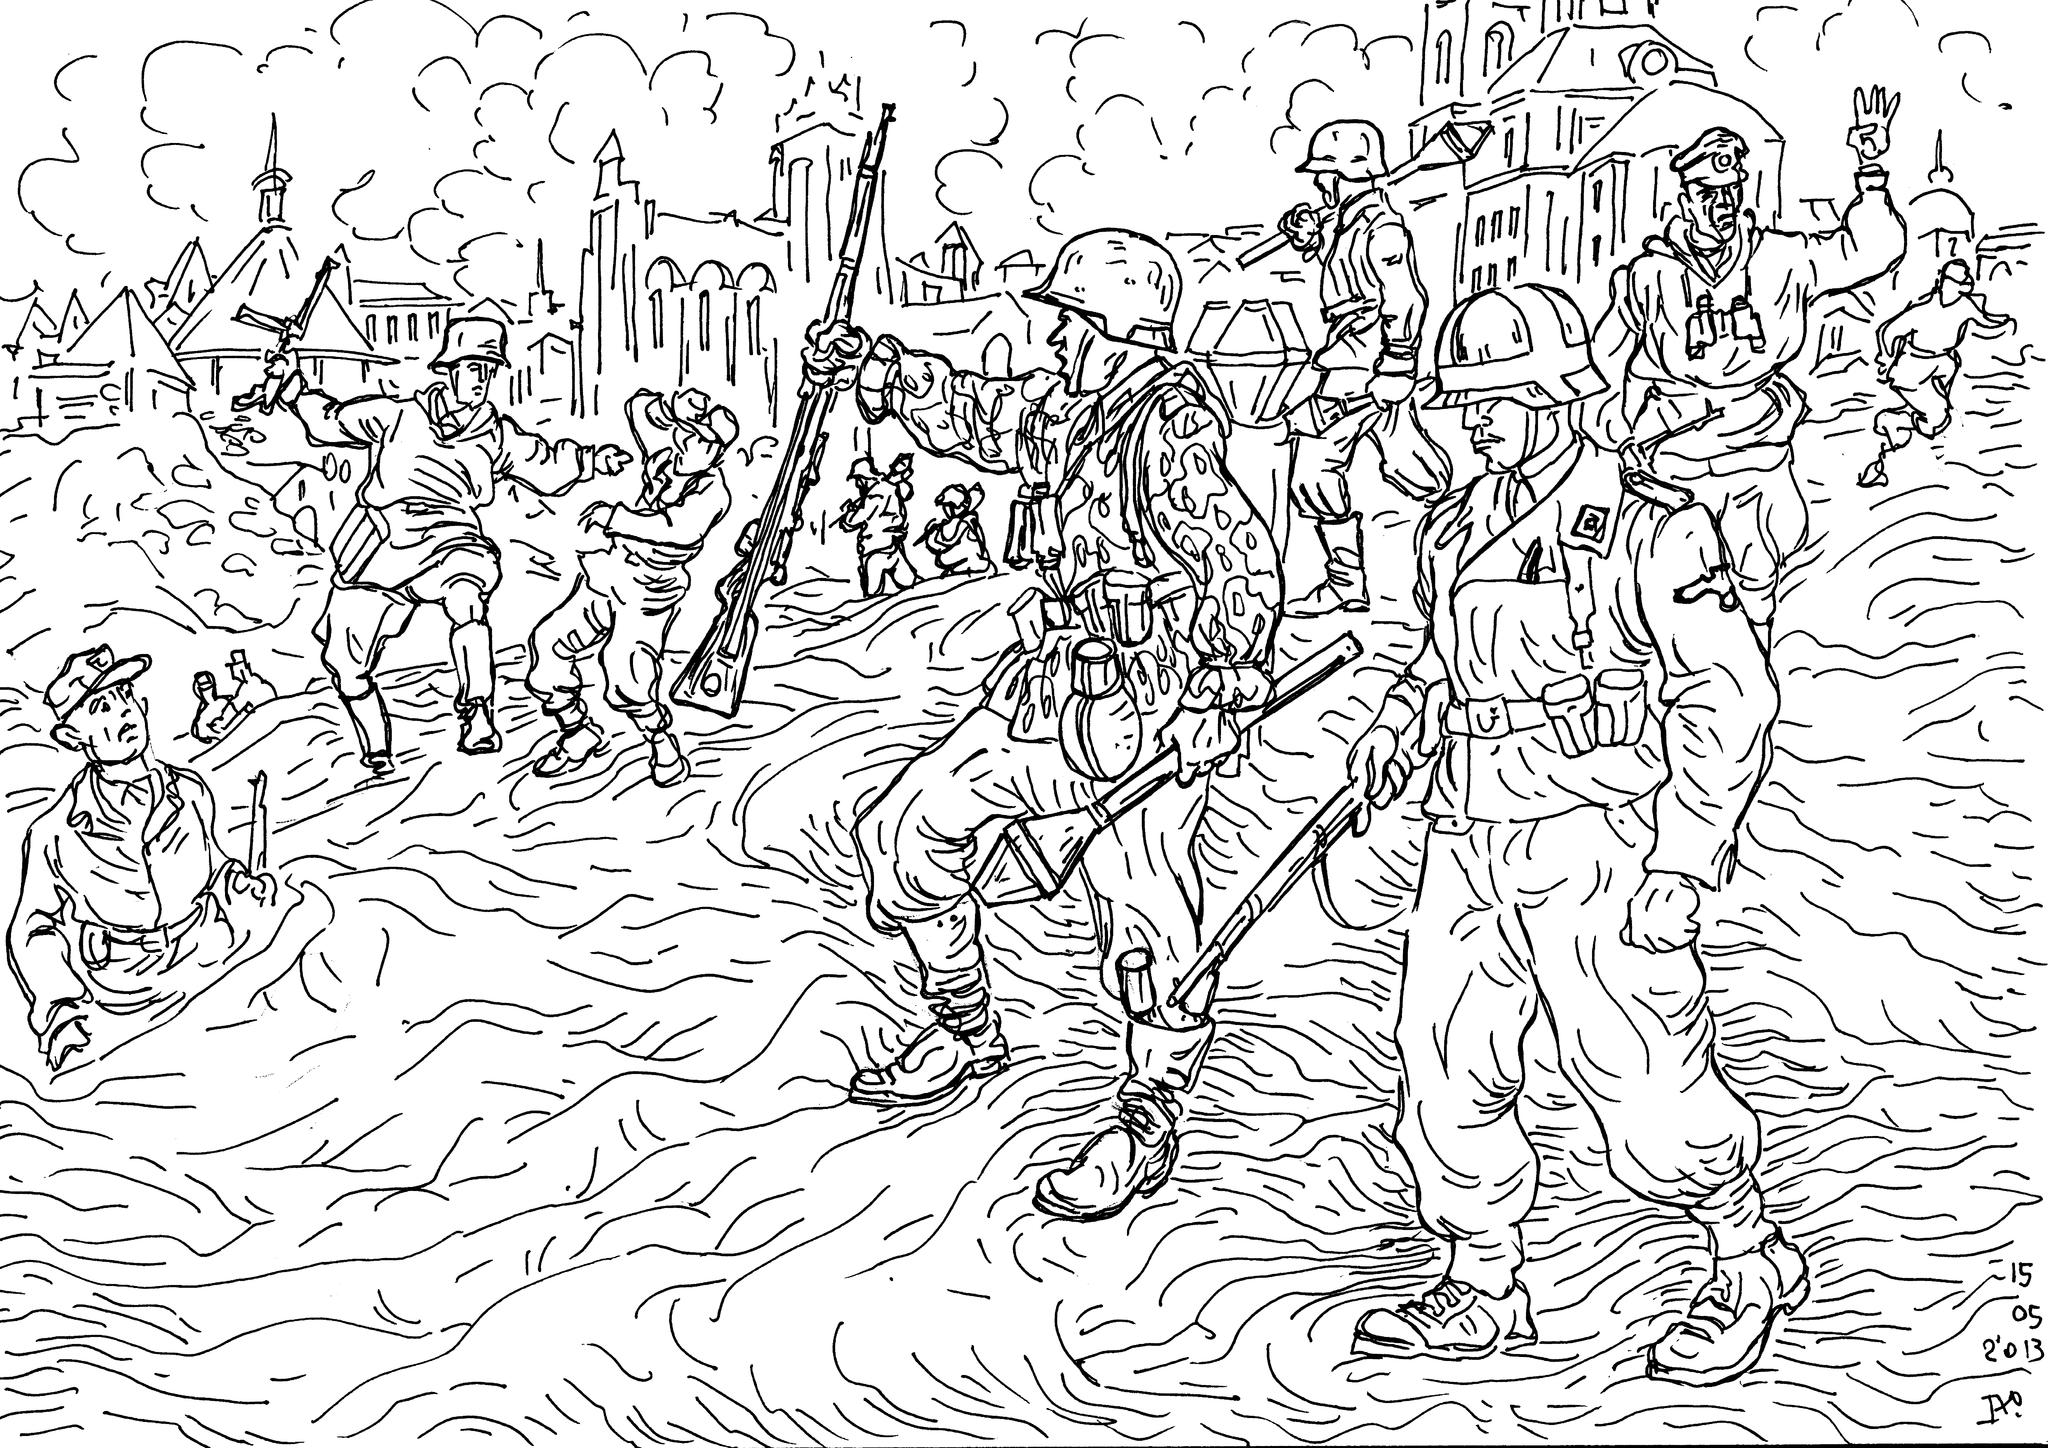 Военнослужащие SS-дивизии, вооруженные фаустпатронами, меняют на позициях мальчишек из Гитлерюгенда и бойцов фольксштурма